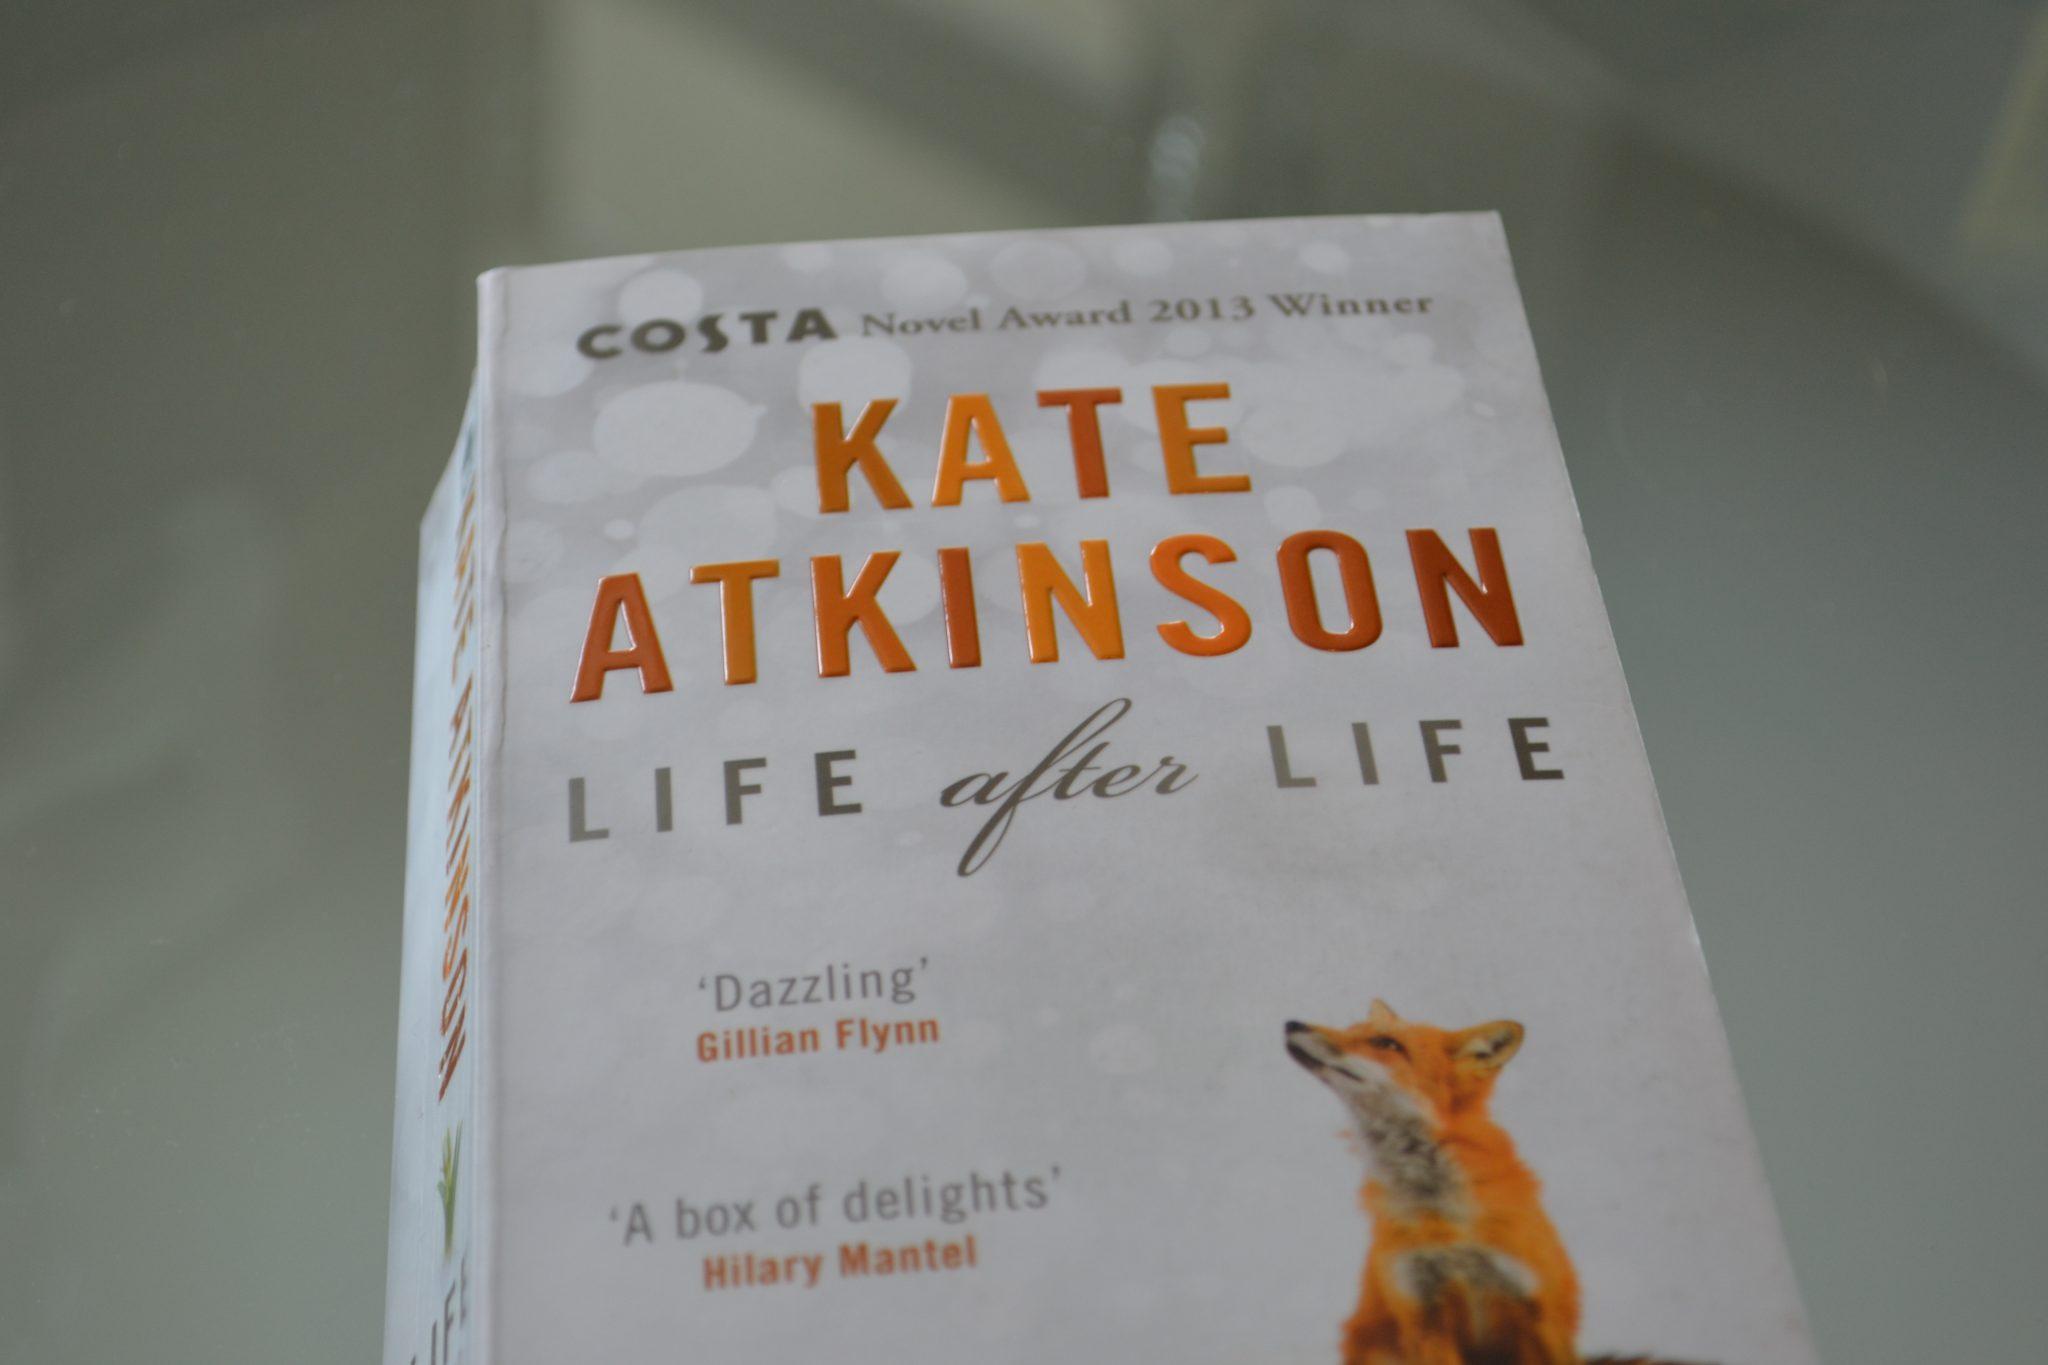 Books: Life after Life | Kate Atkinson